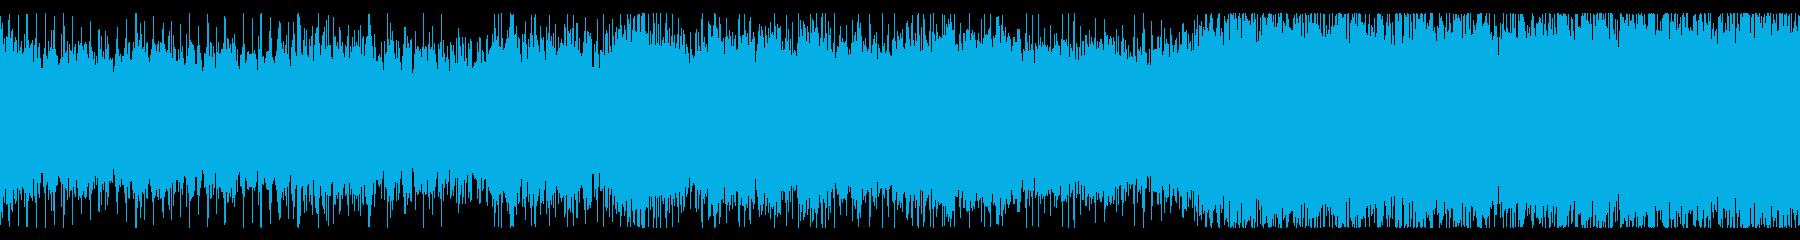 【ループBGM】メタルパイレーツオブ何かの再生済みの波形